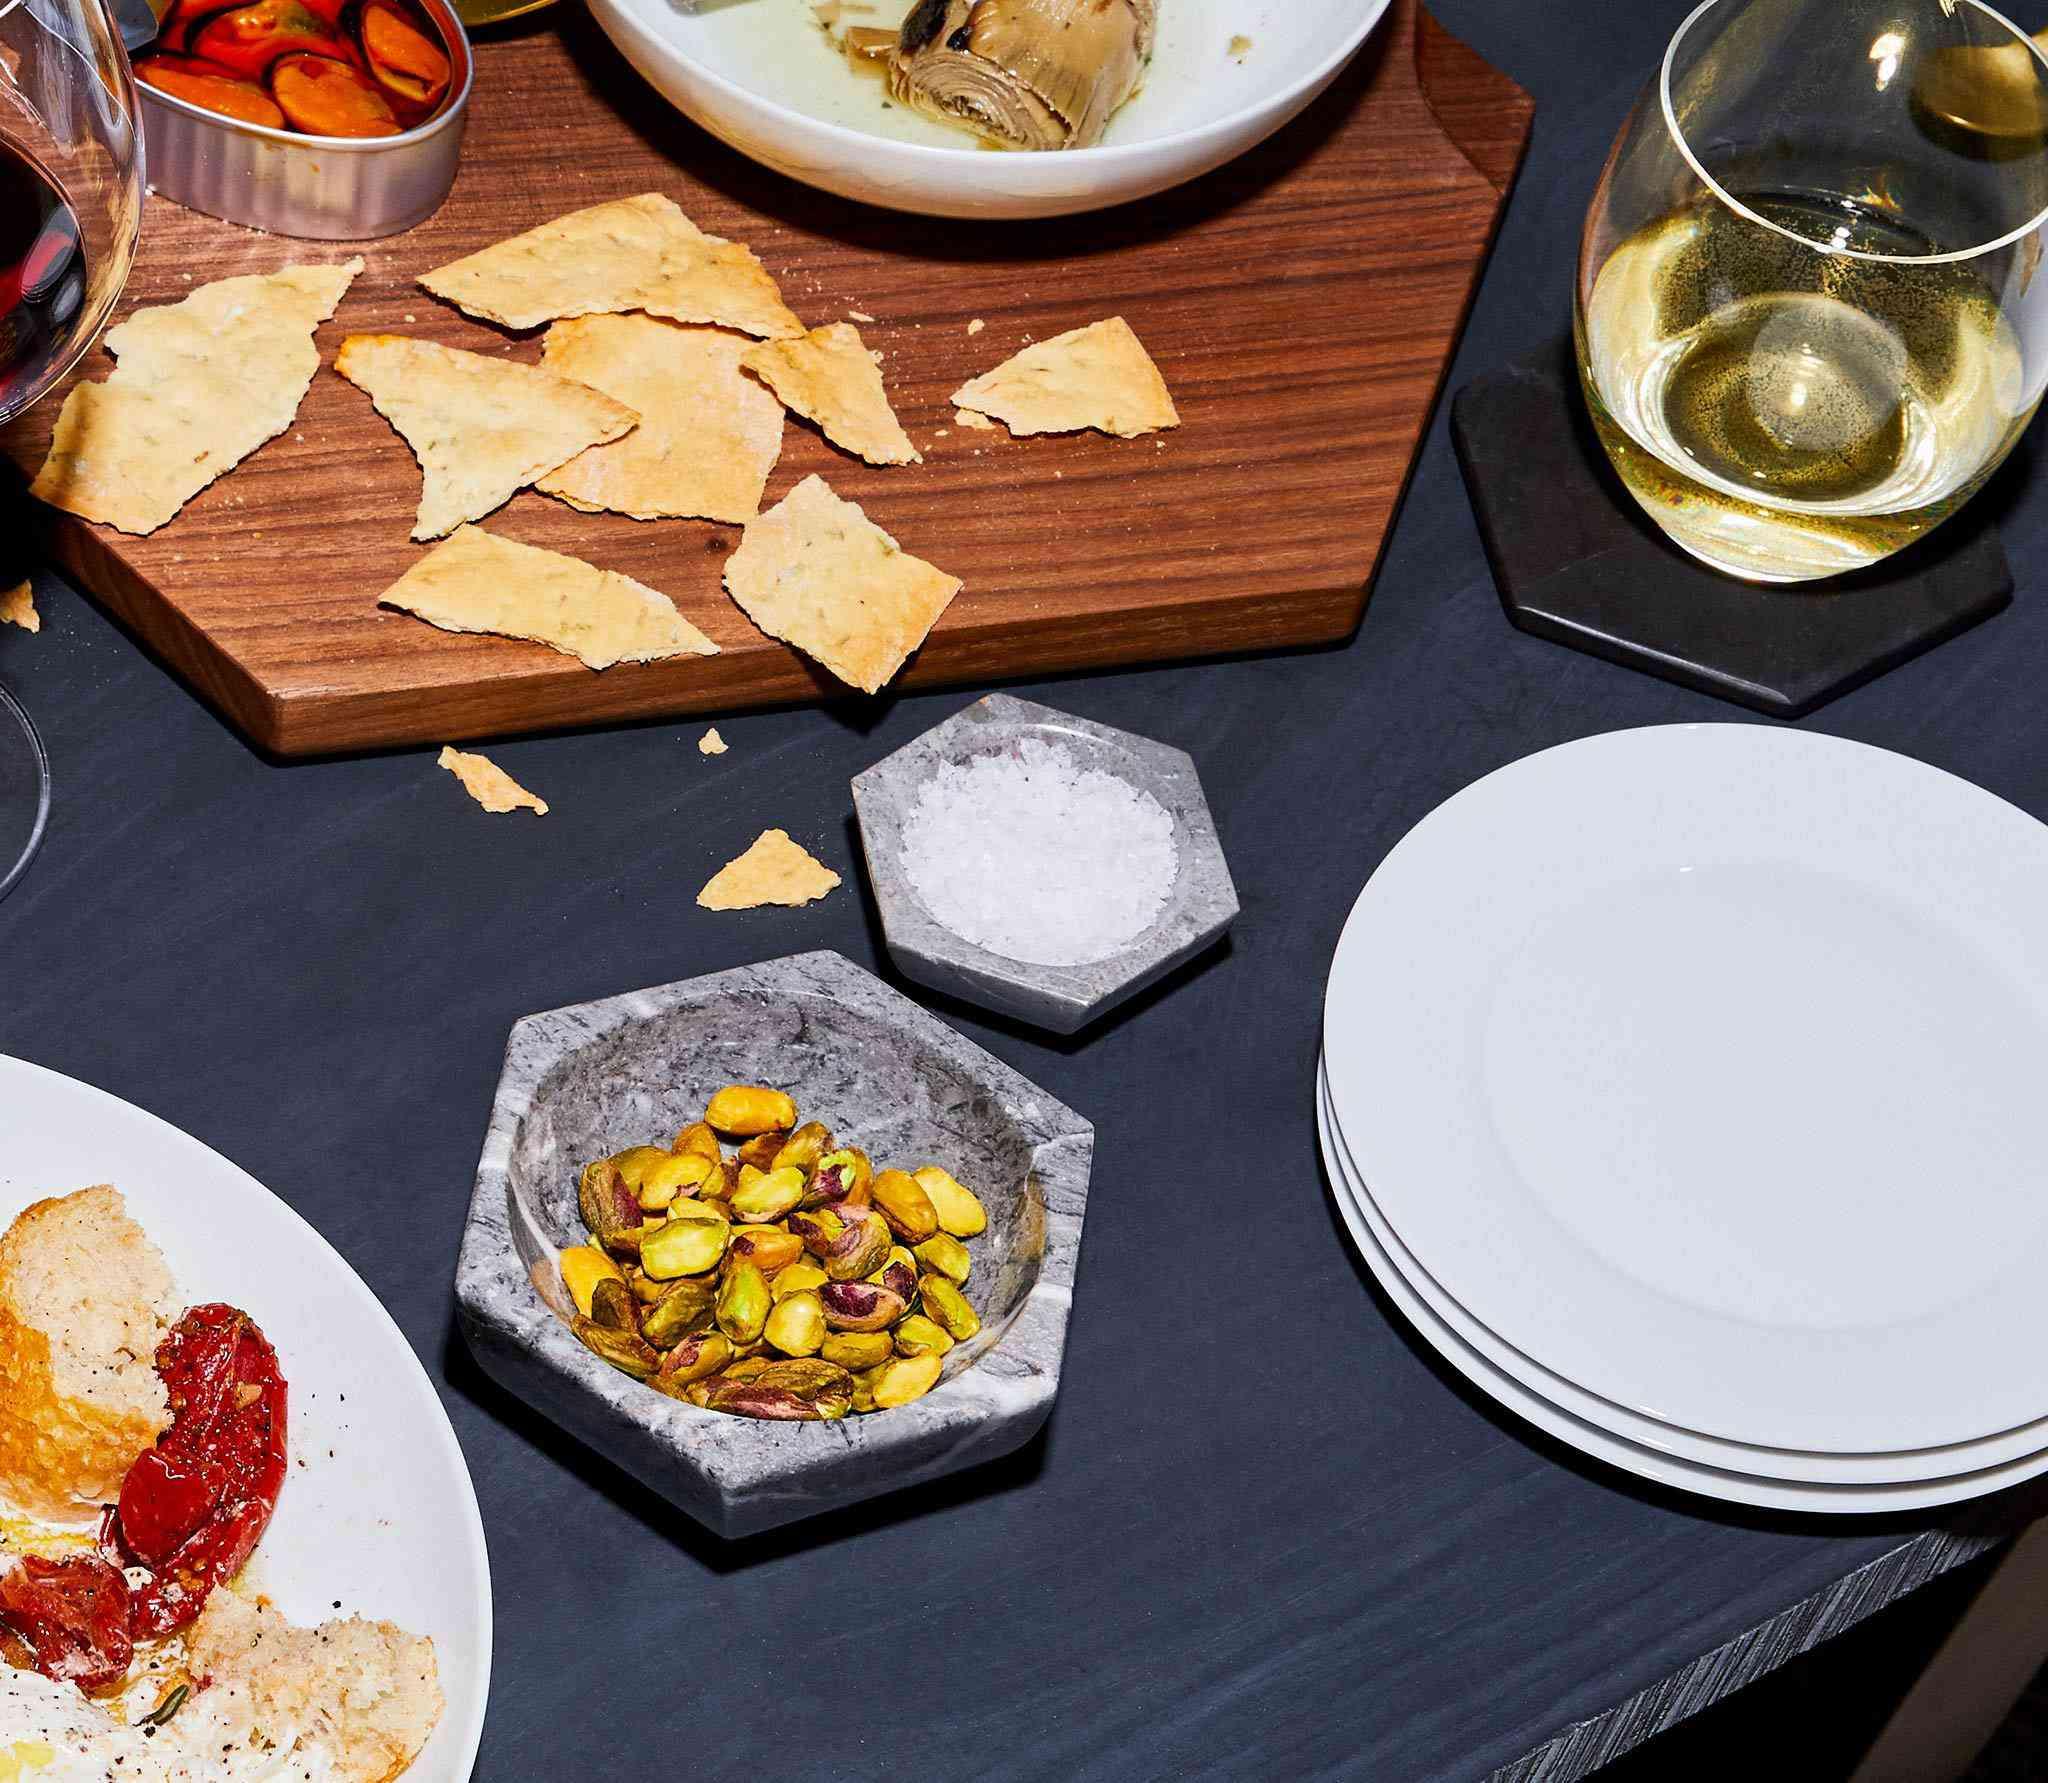 Best Dining Room Design Trends for 2021